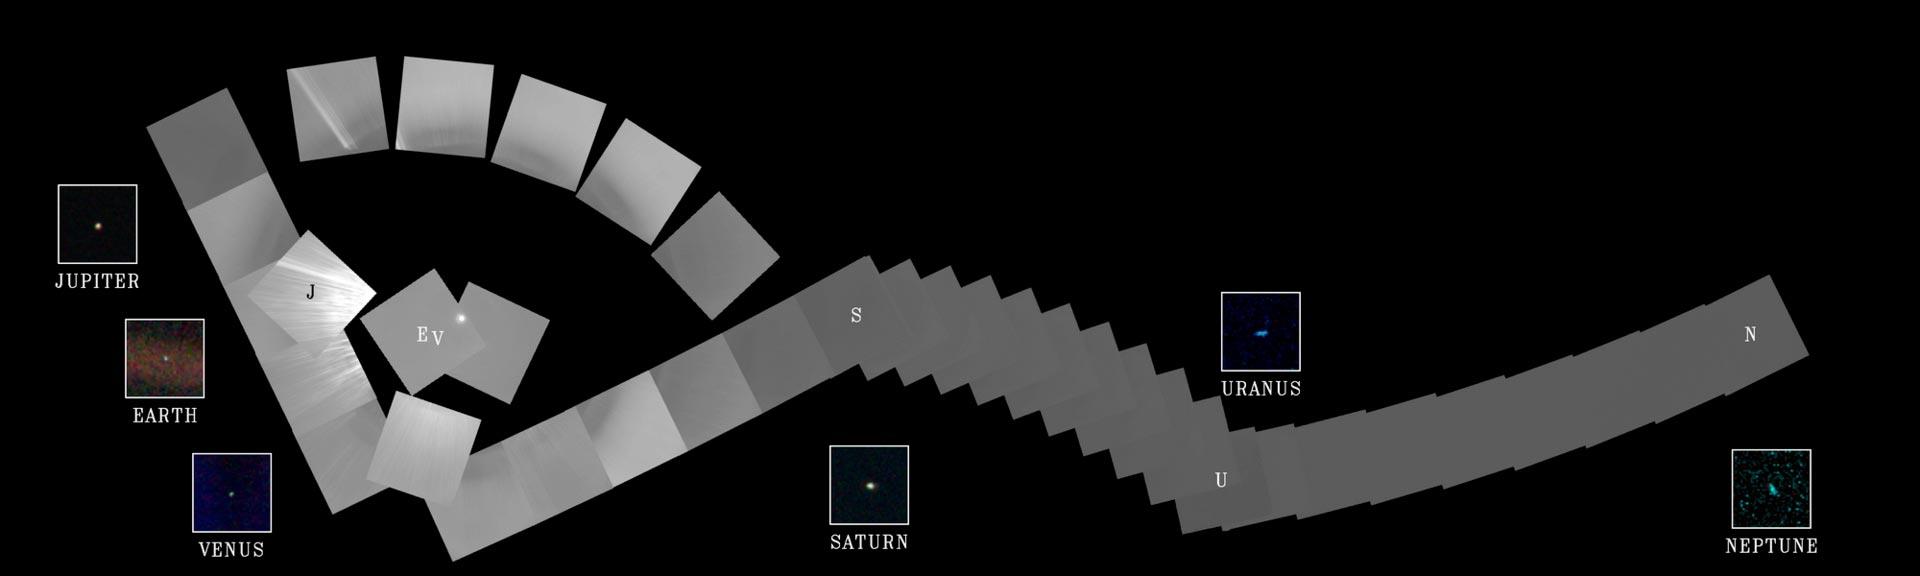 Семейный портрет планет солнечной системы сделанный «Вояджером-1»